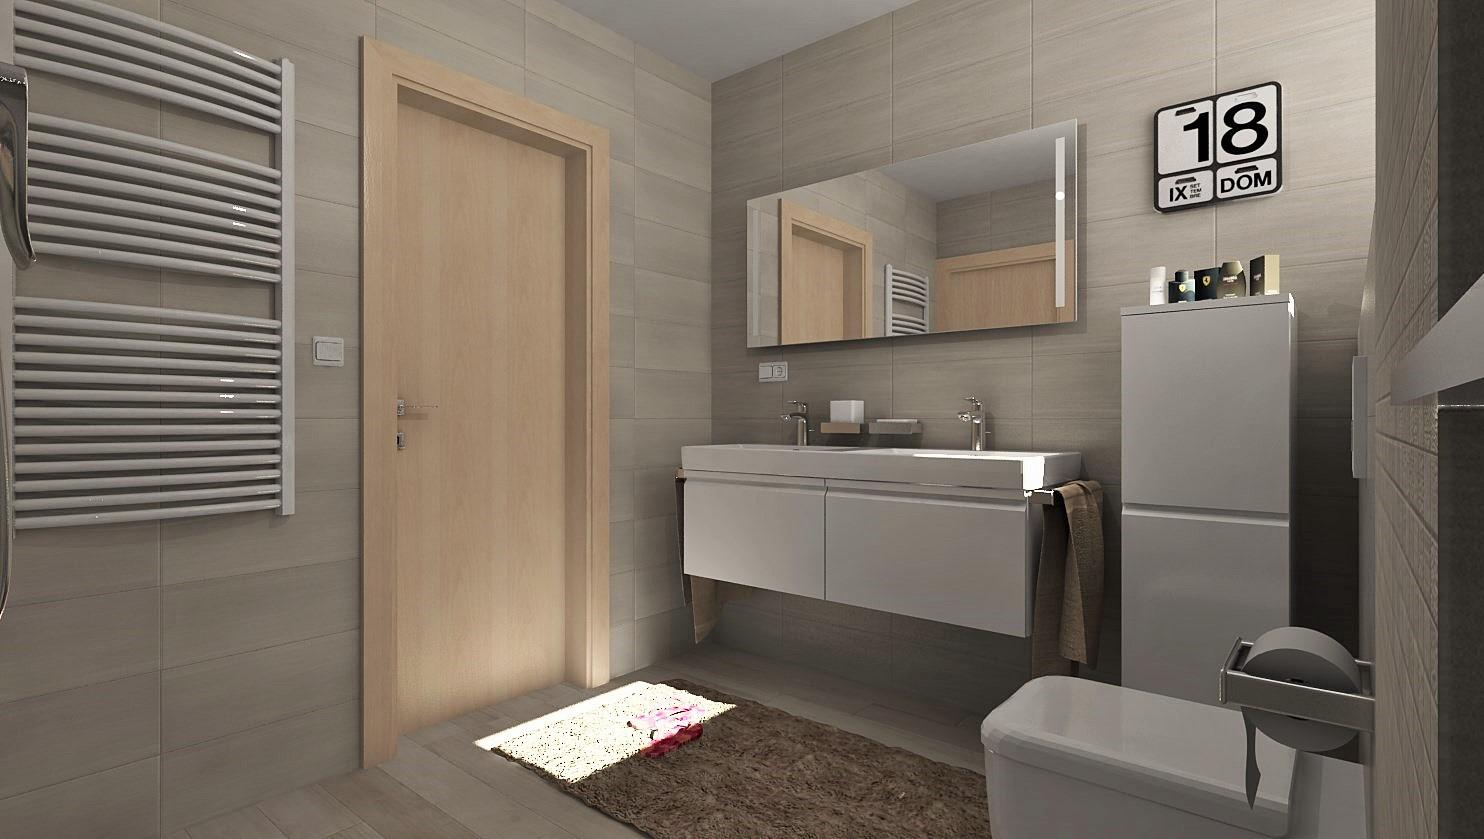 3D návrhy kúpeľní - vizualizácie - Obrázok č. 34